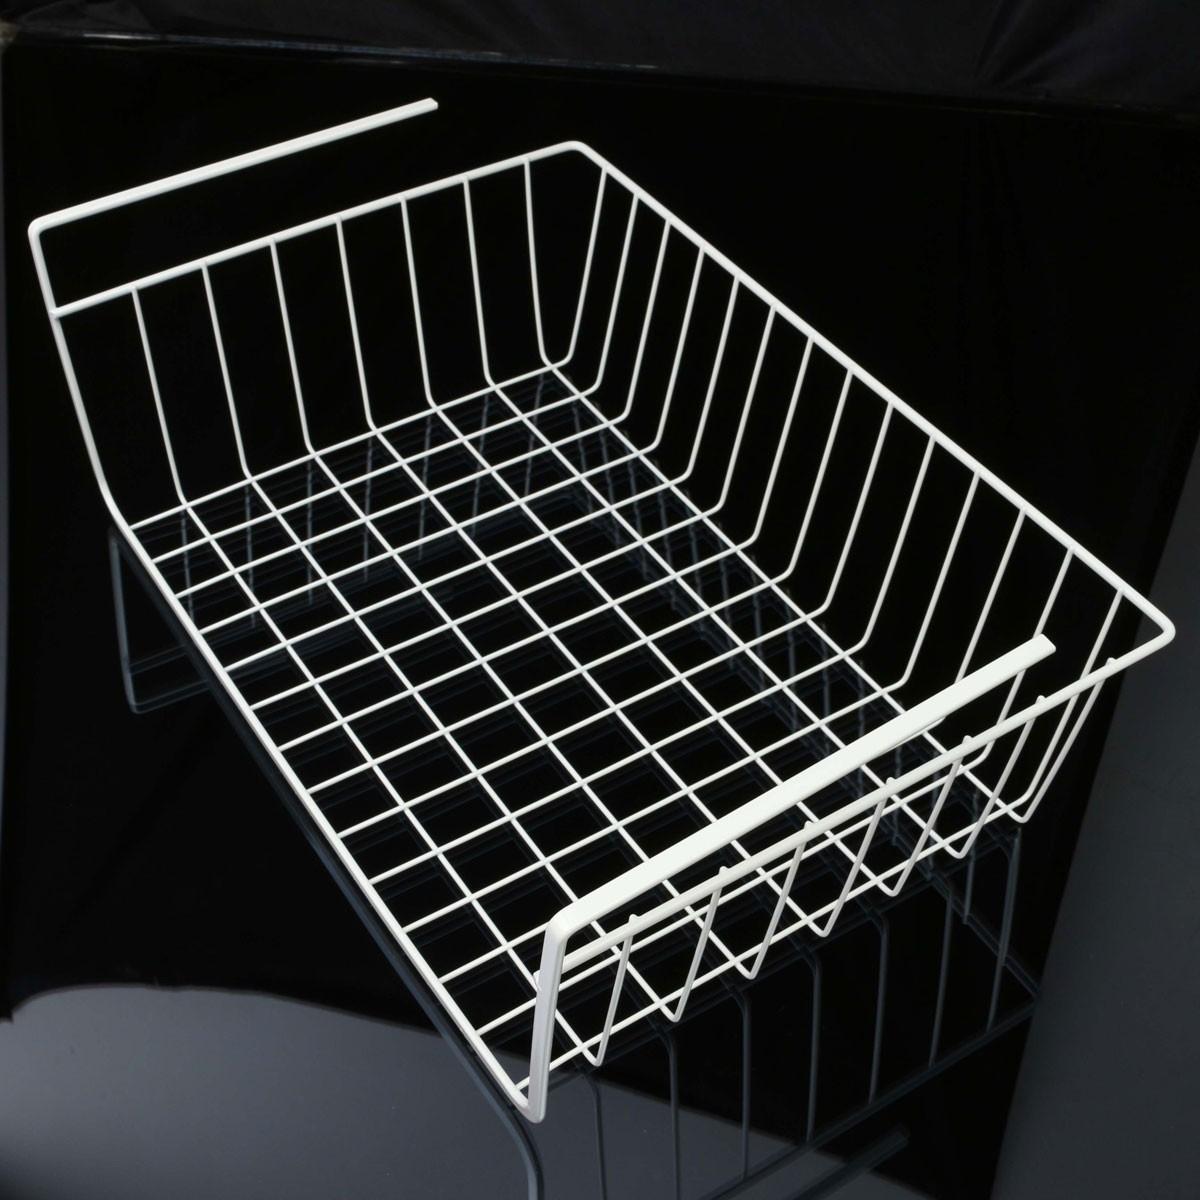 under shelf basket rack storage organizer holder for. Black Bedroom Furniture Sets. Home Design Ideas